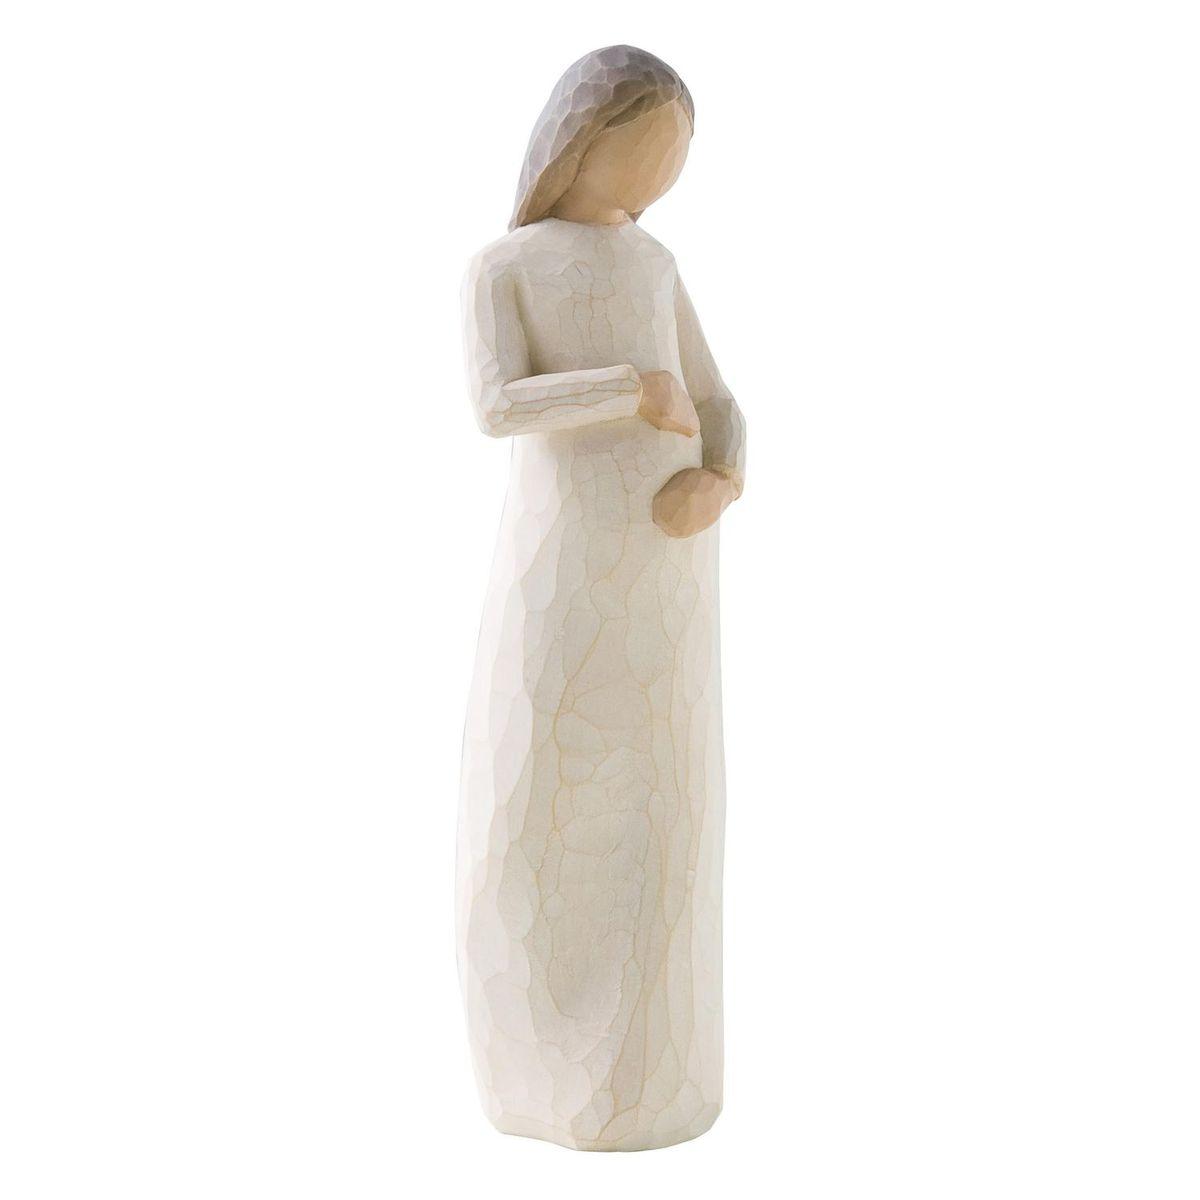 Фигурка Willow Tree В ожидании чуда, 21 см26082Эти прекрасные статуэтки созданы канадским скульптором Сьюзан Лорди. Каждая фигурка – это настоящее произведение искусства, образная скульптура в миниатюре, изображающая эмоции и чувства, которые помогают нам чувствовать себя ближе к другим, верить в мечту, выражать любовь. Каждая фигурка помещена в красивую упаковку. Купить такой оригинальный подарок, значит не только украсить интерьер помещения или жилой комнаты, но выразить свое глубокое отношение к любимому человеку. Этот прекрасный сувенир будет лучшим подарком на день ангела, именины, день рождения, юбилей. Материал: Искусственный камень (49% карбонат кальция мелкозернистой разновидности, 51% искусственный камень)